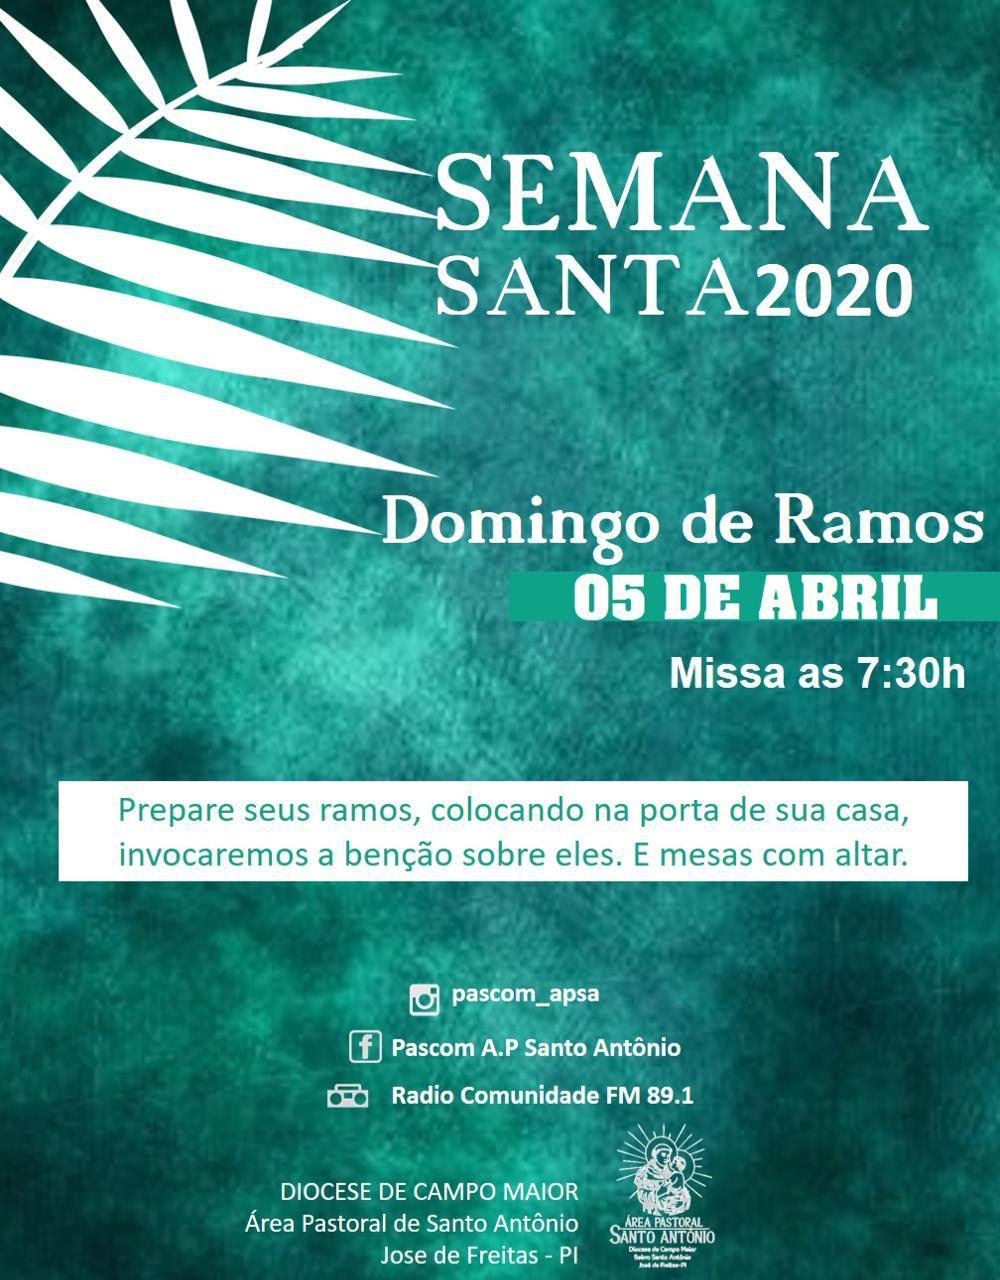 Celebrações da Semana Santa da Área Pastoral de Santo Antônio será através das Redes sociais, Rádio e Portal, diz Padre Flávio Naylton